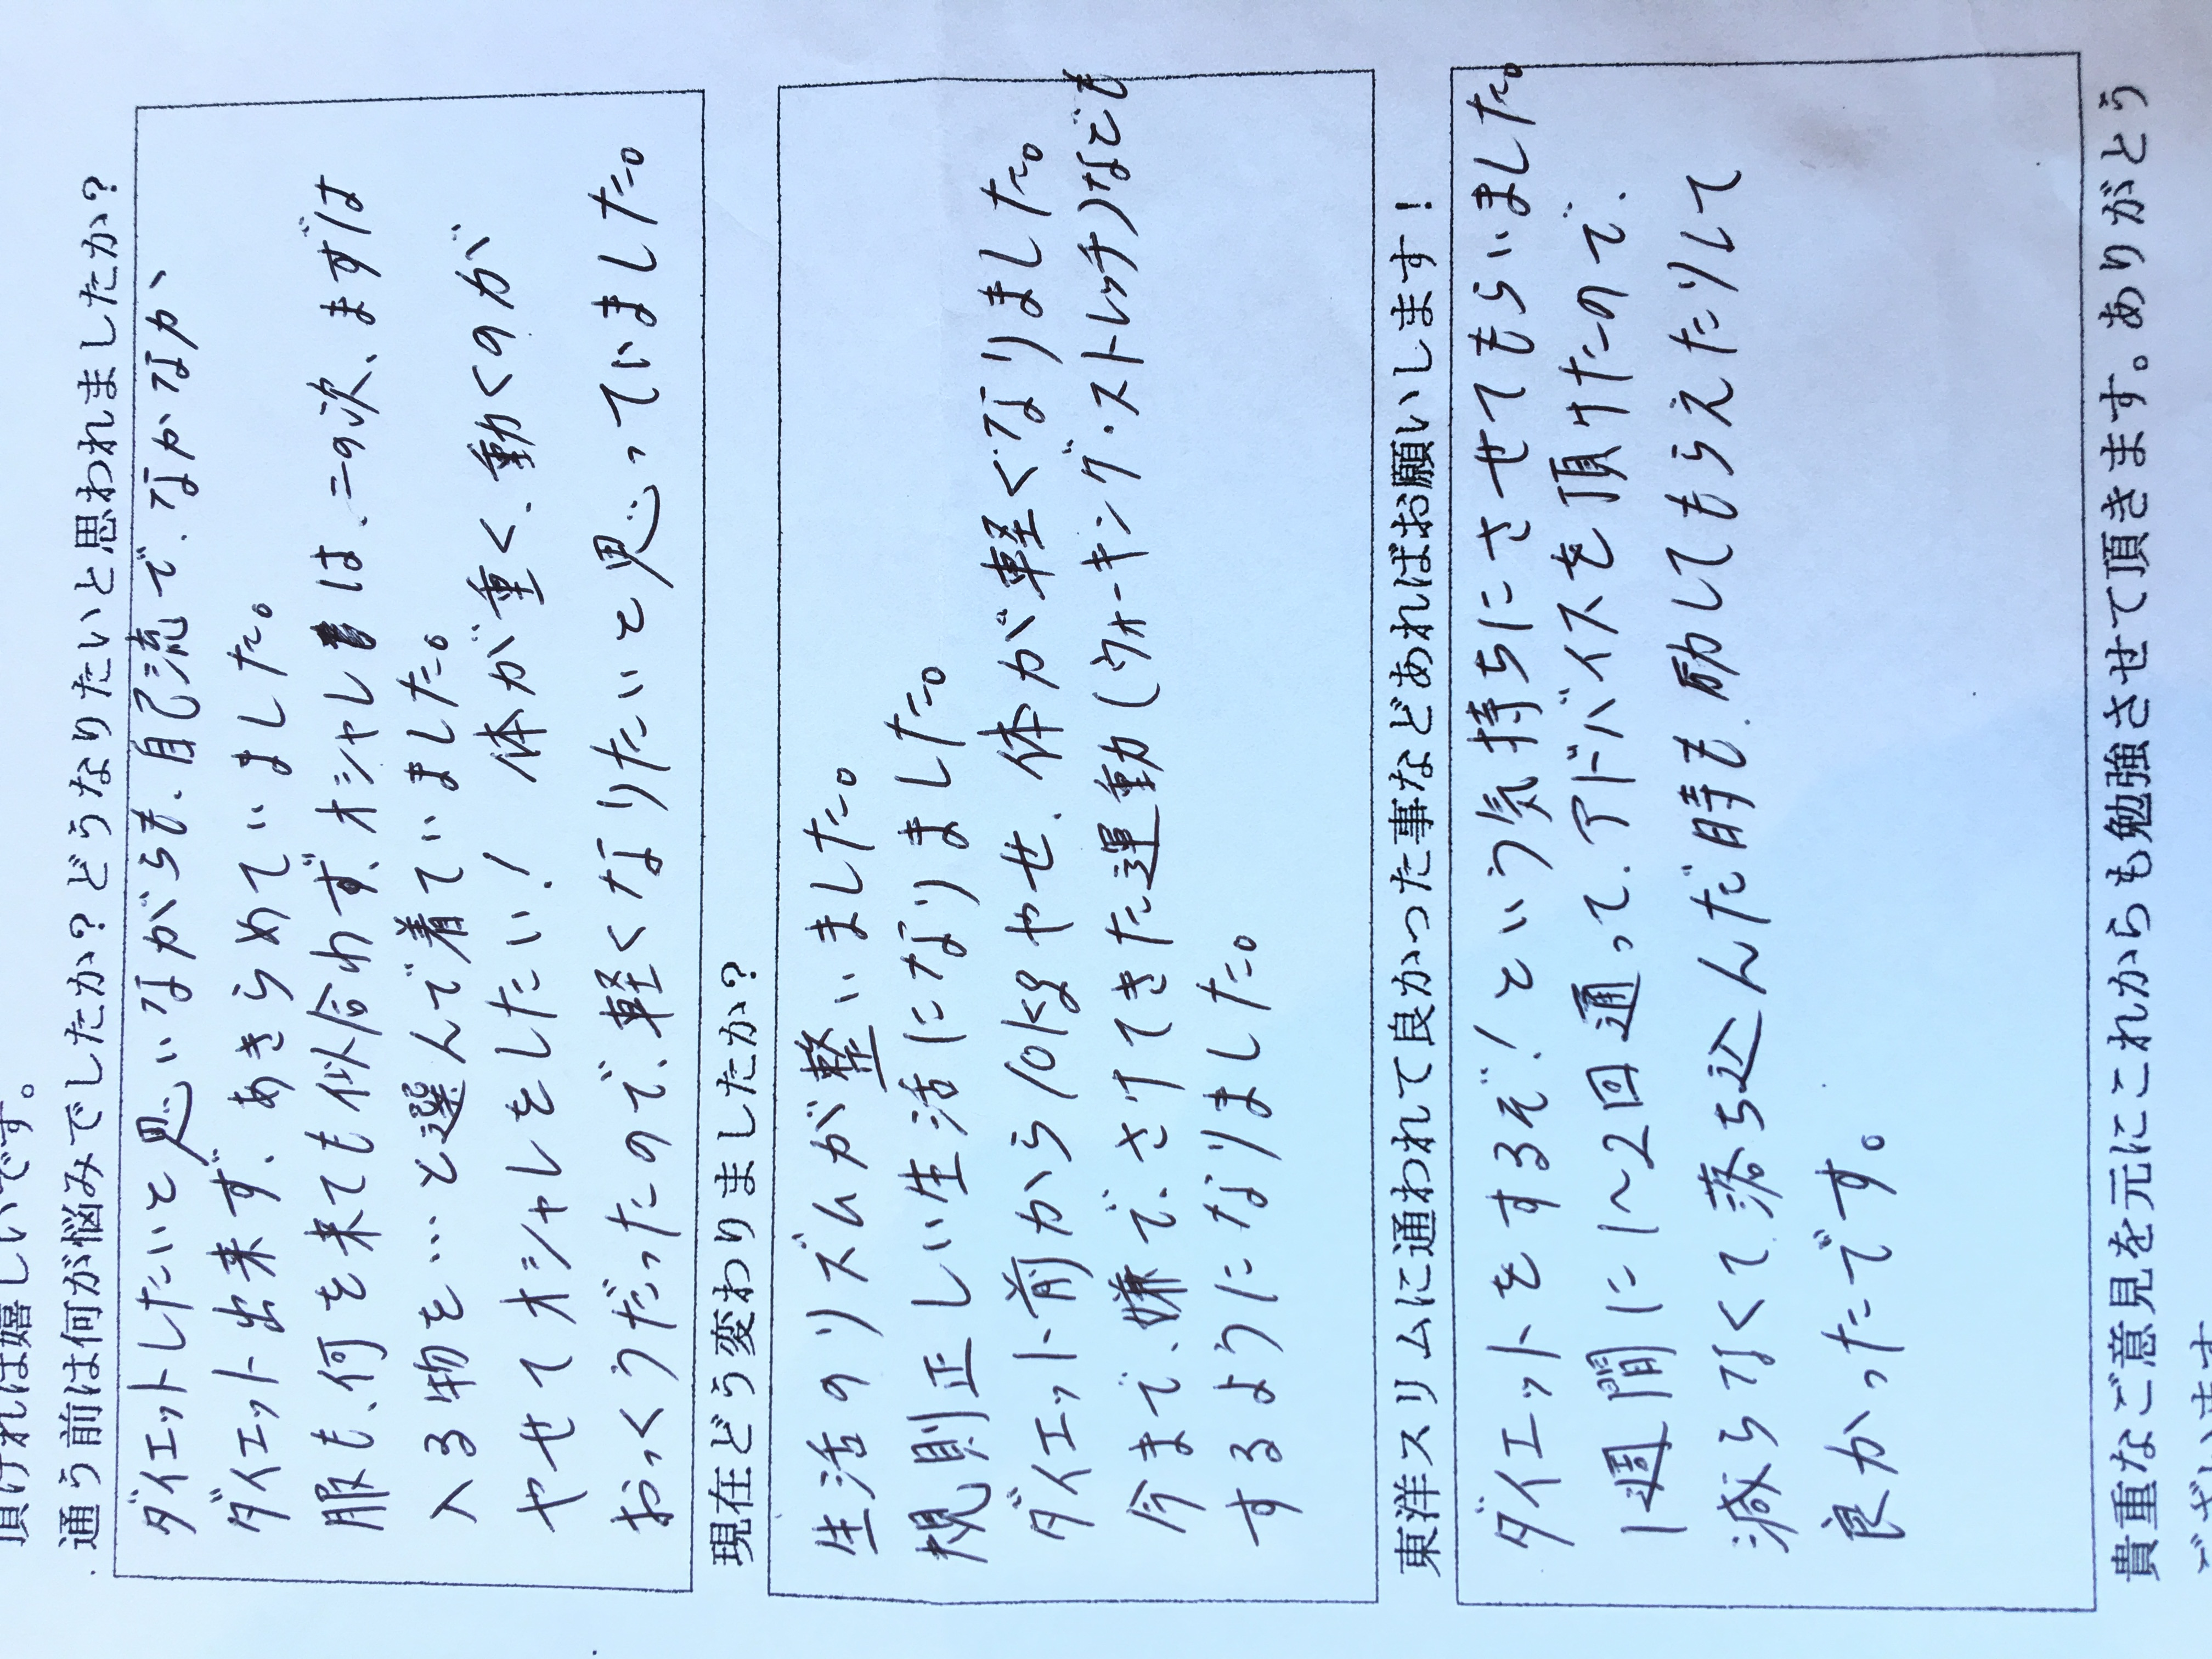 [皆様の声]大阪府河南町Hさん41才 耳つぼダイエットで10kg成功!